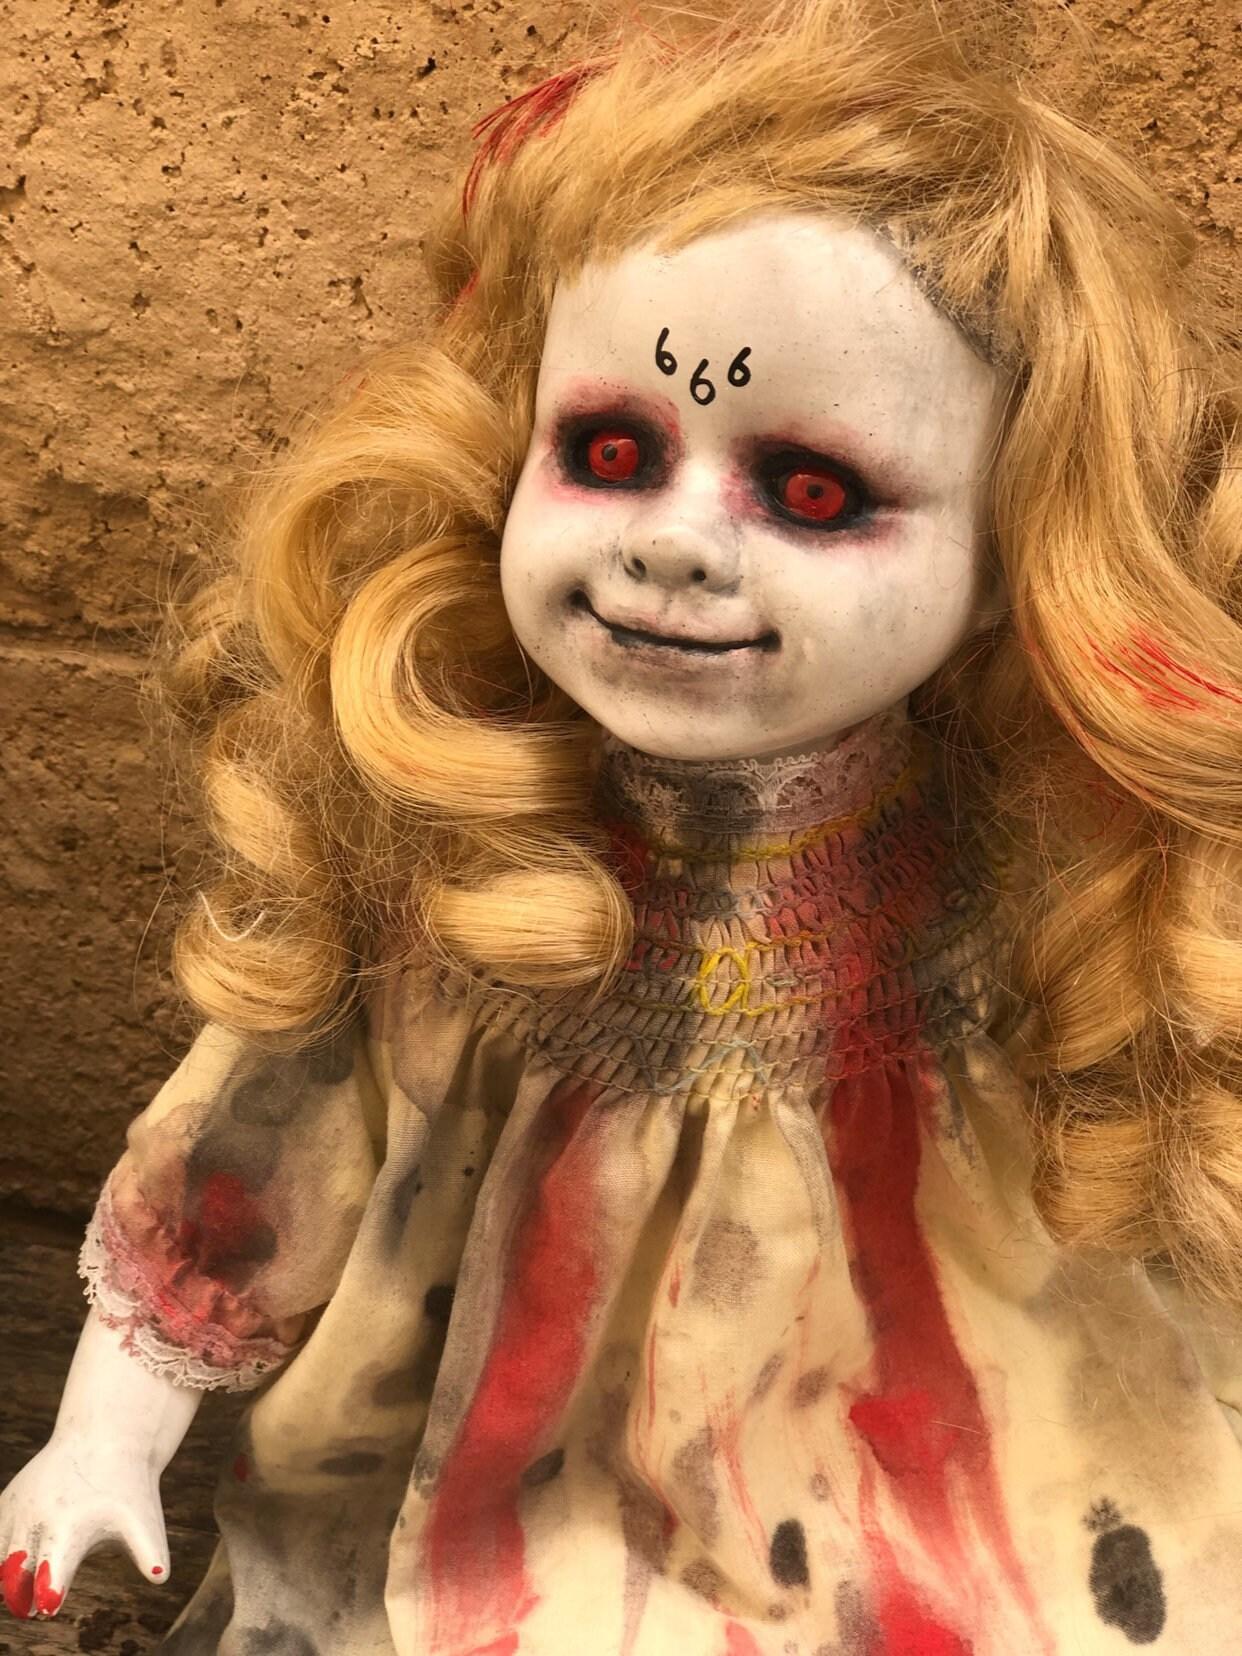 2279a5c25 Creepy doll 666 evil possessed demon devil girl ooak gothic horror ...